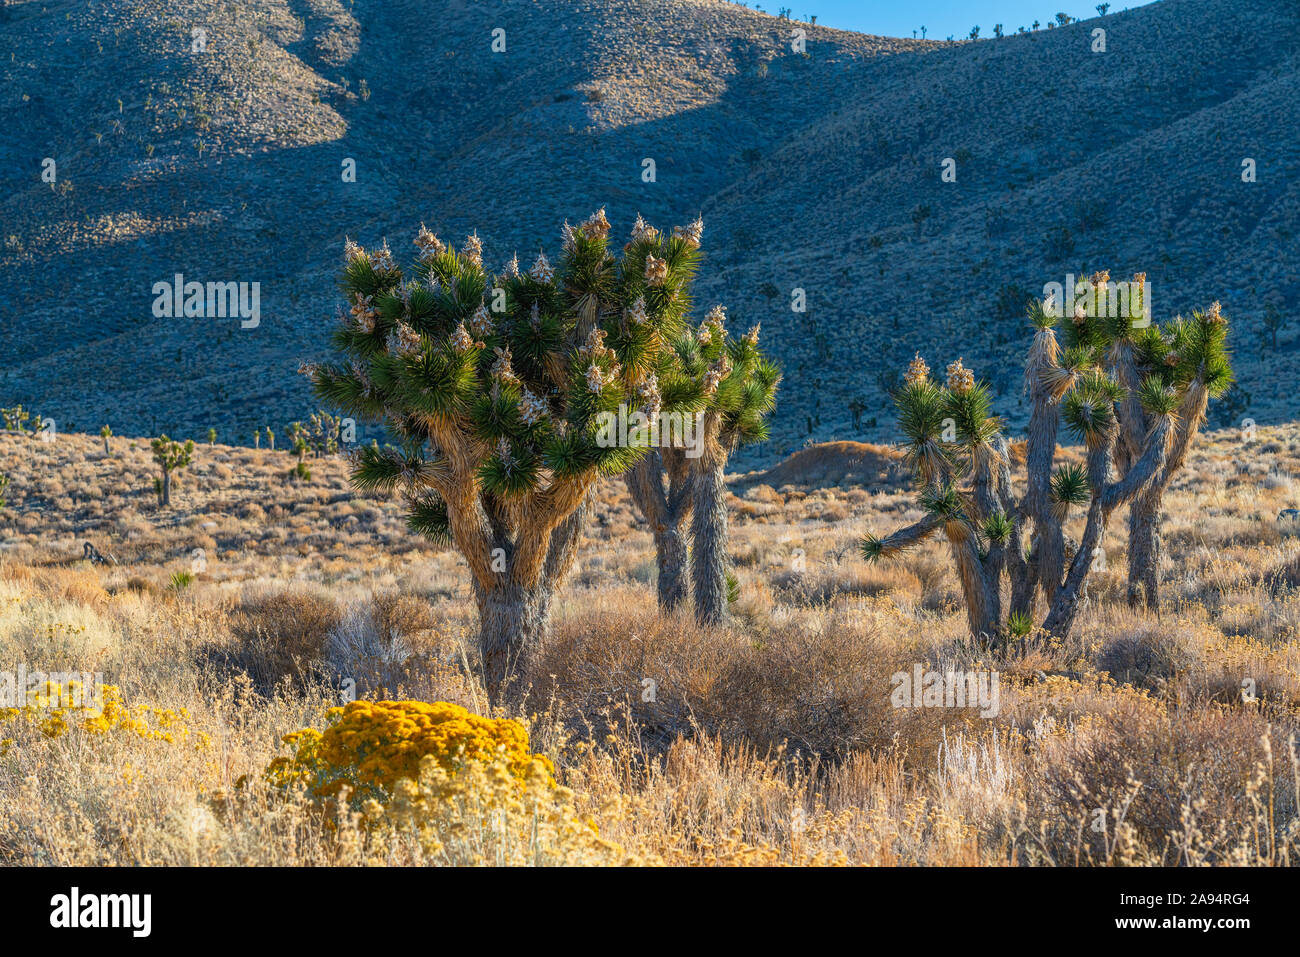 Morgen in der Wüste. Wunderschöne Joshua Bäume in Blüte, und die Berge im Hintergrund Stockfoto